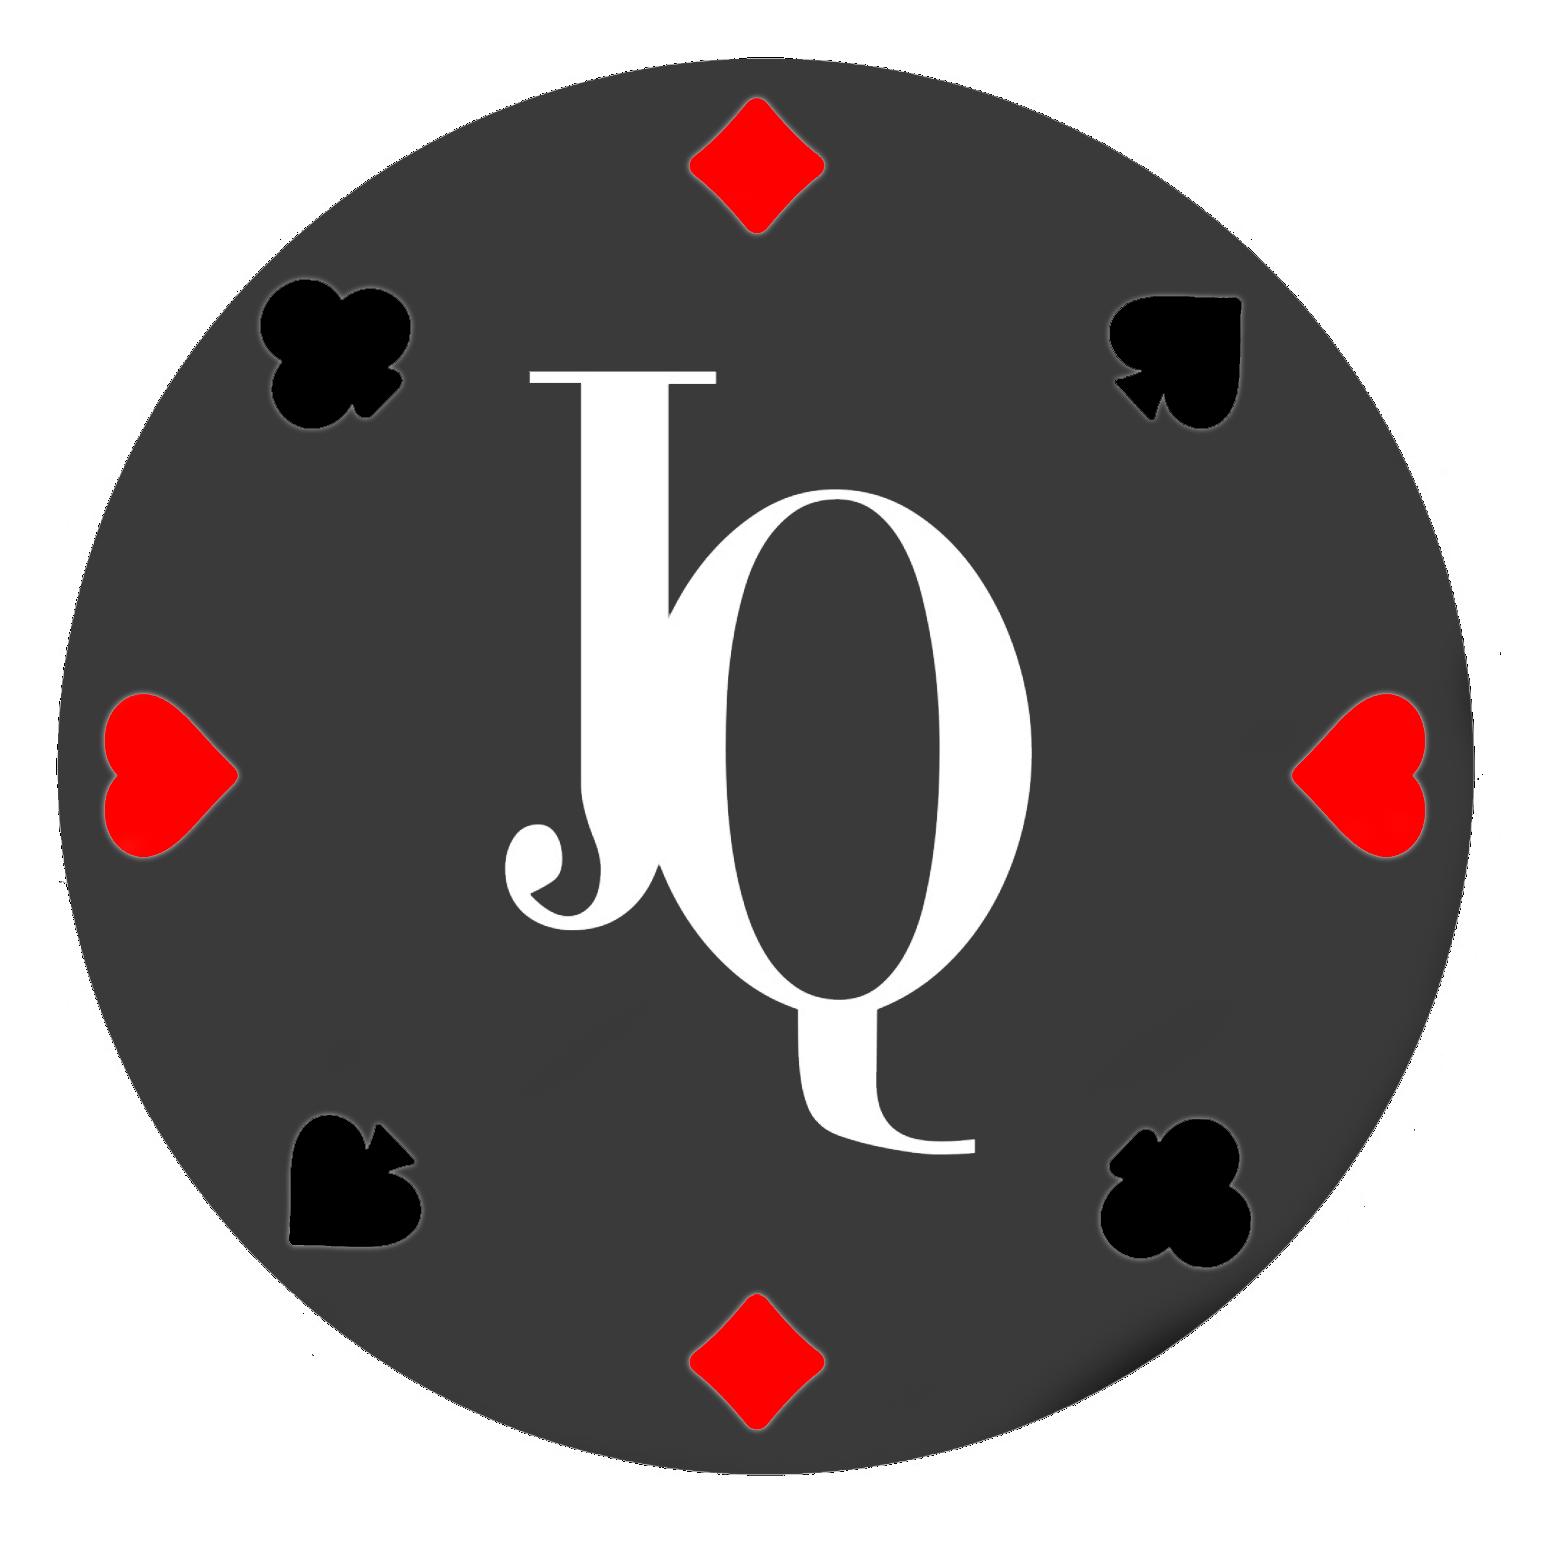 Jacks Full of Queens Poker Room